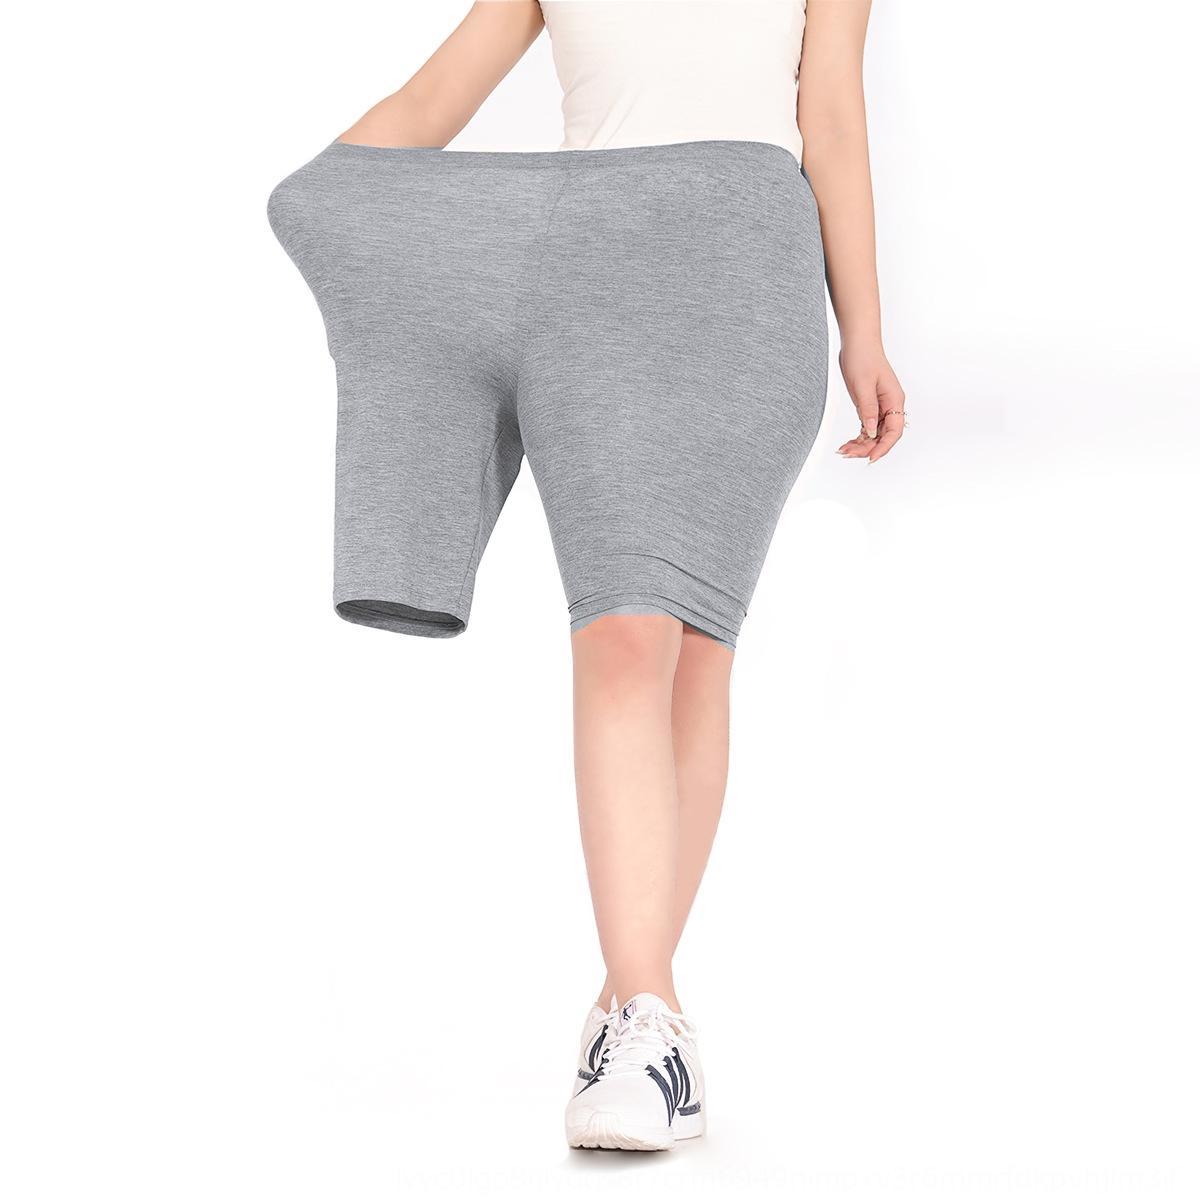 Fabrik Ist gerade 2020 Sommer-Außenhosenfrauen Hose und Hosen 103 modale hohe Taille Hüfte-Hebe Barbie Hosen